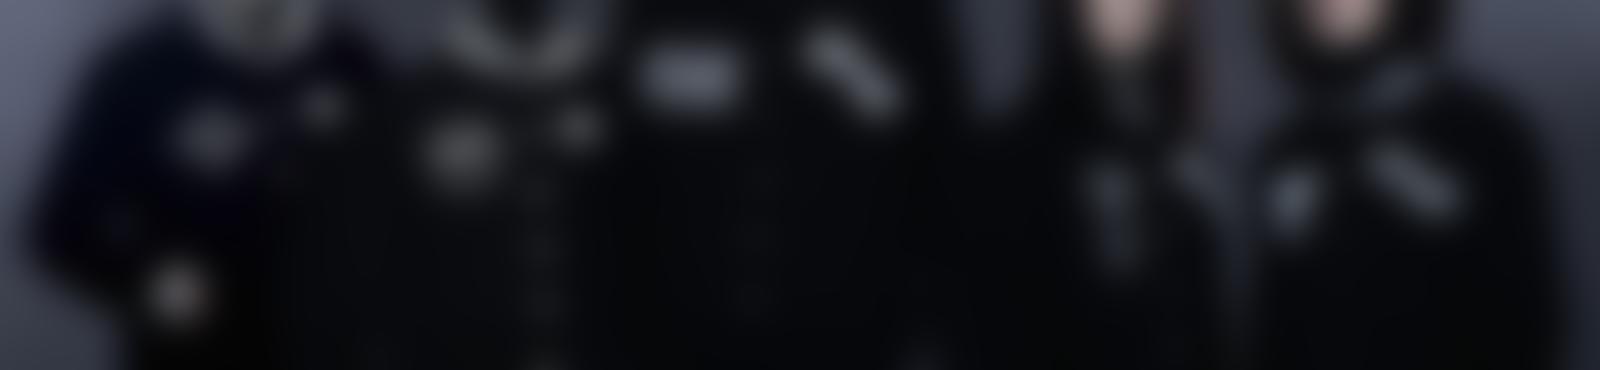 Blurred eb73c671 1a0c 4e72 ac8b 7a35c9eae1d9